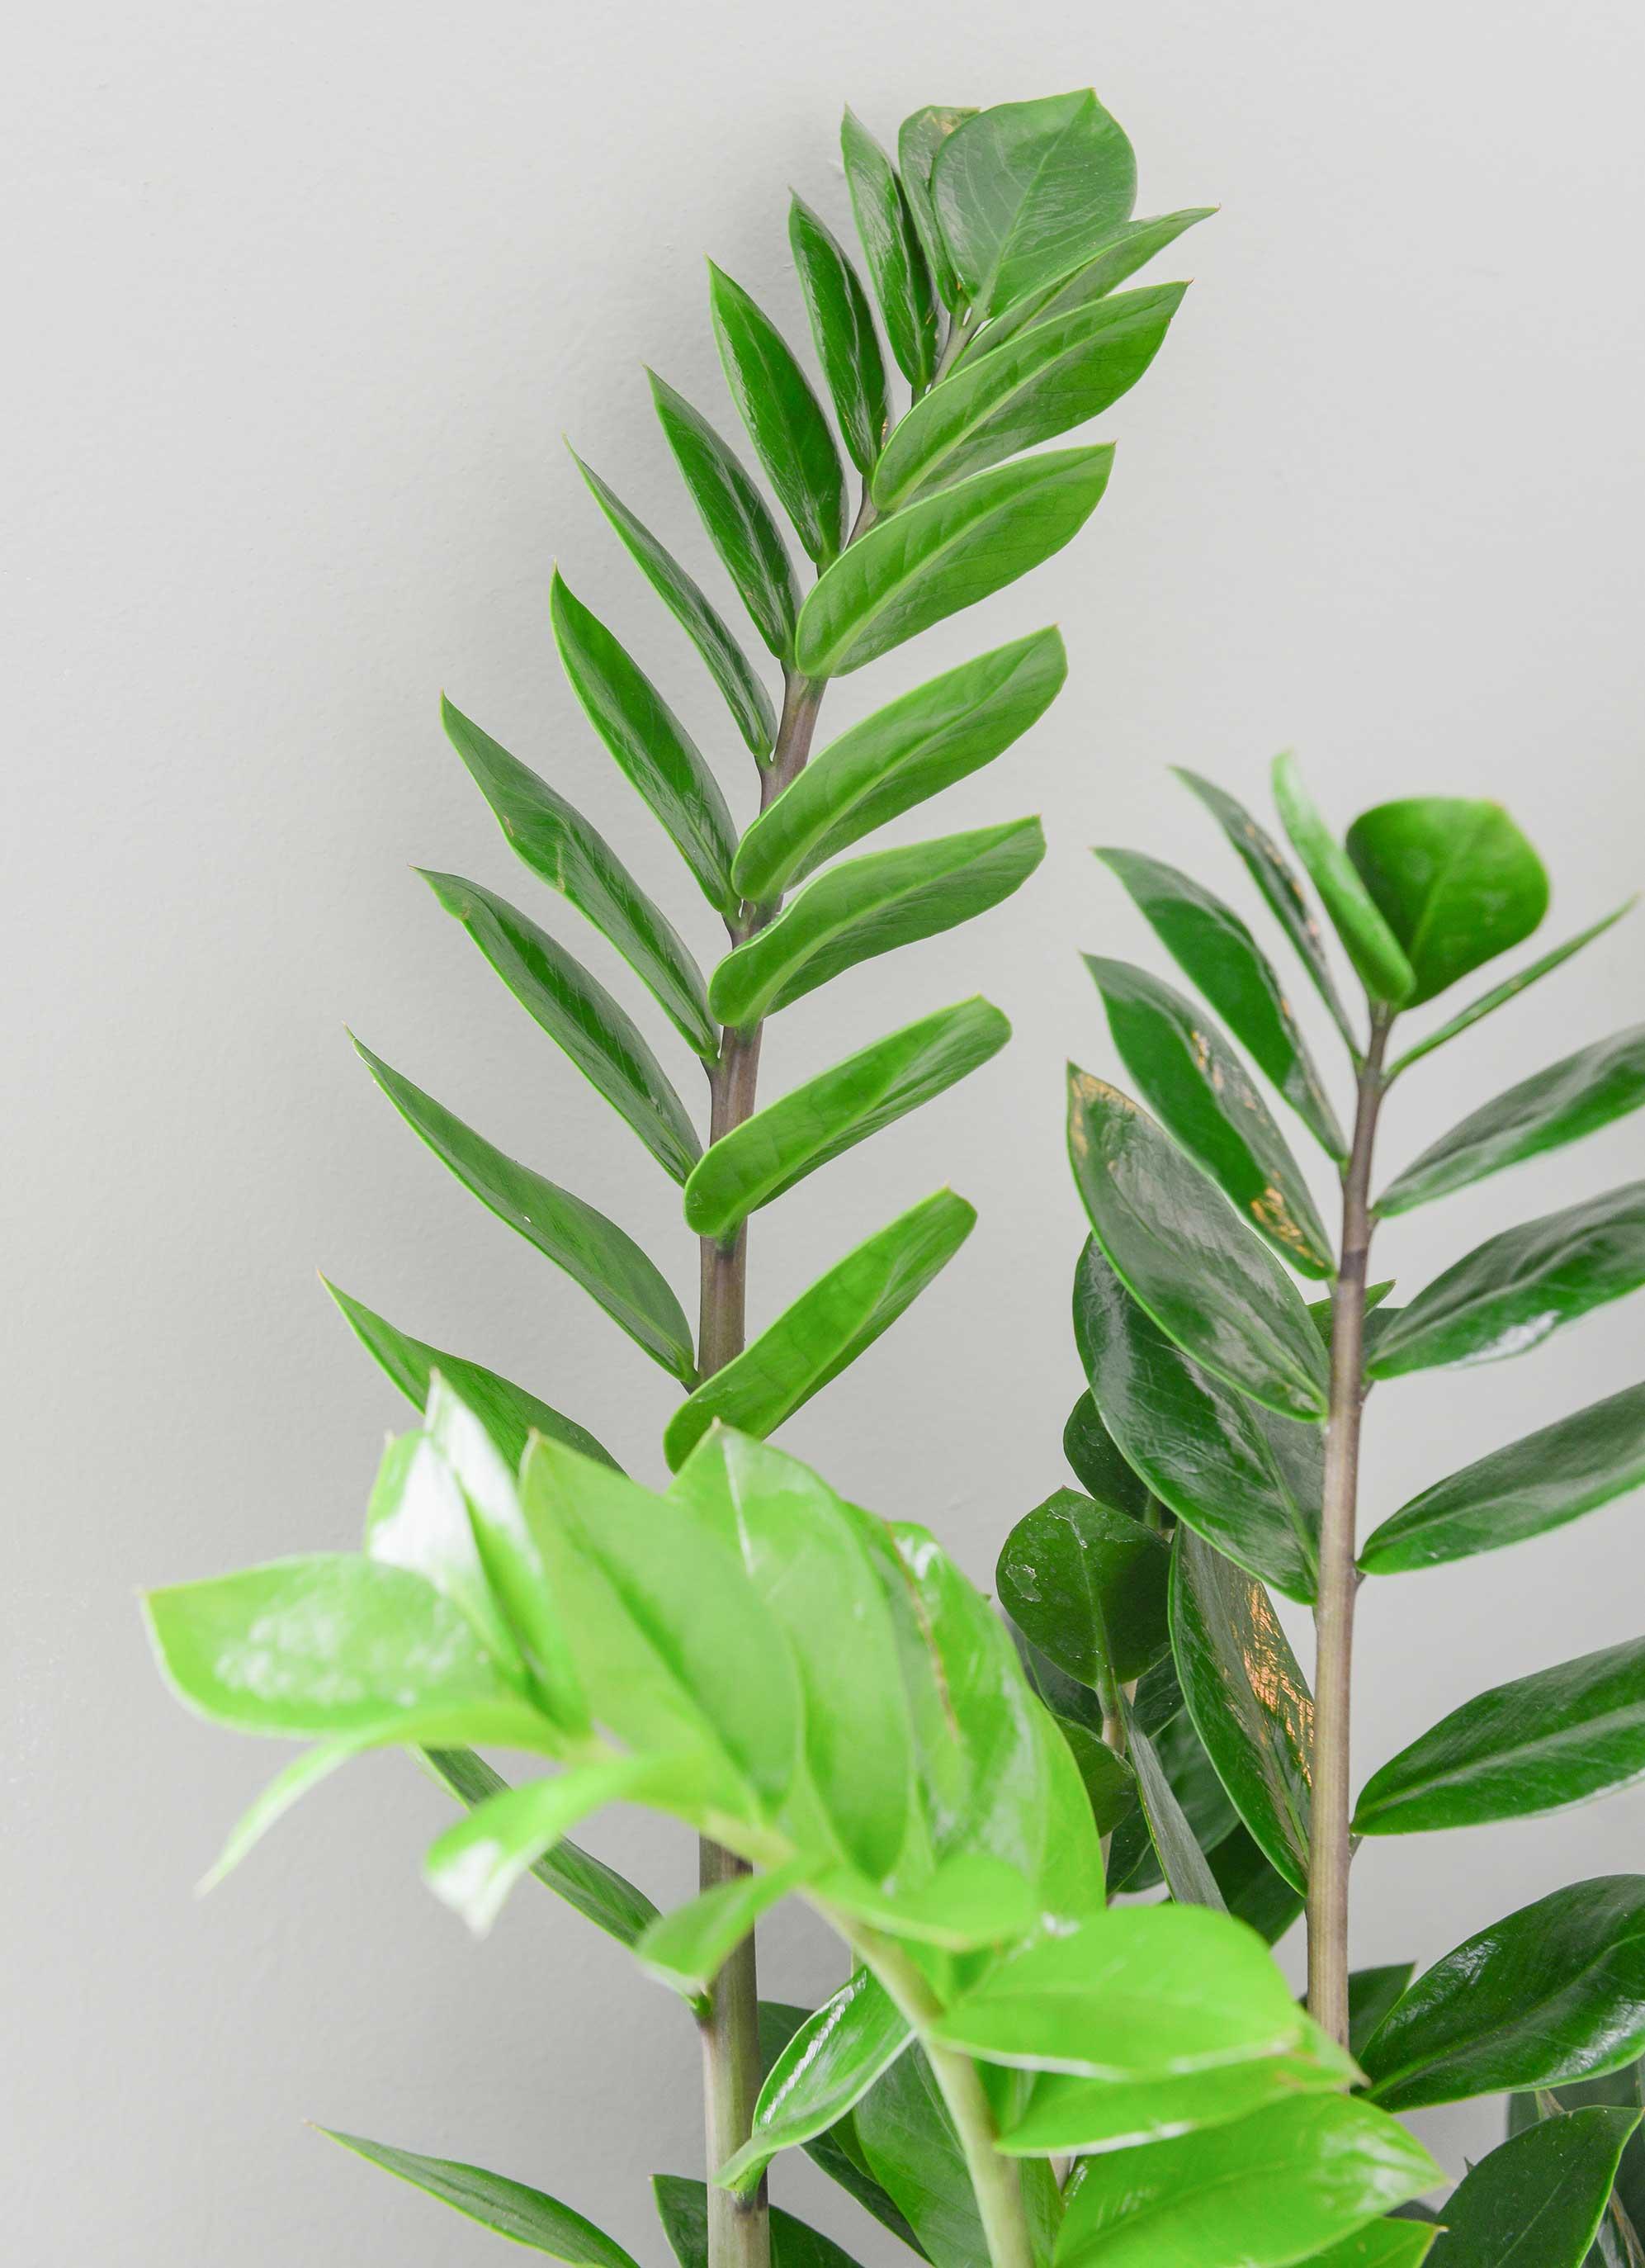 Zamioculcas bladeren